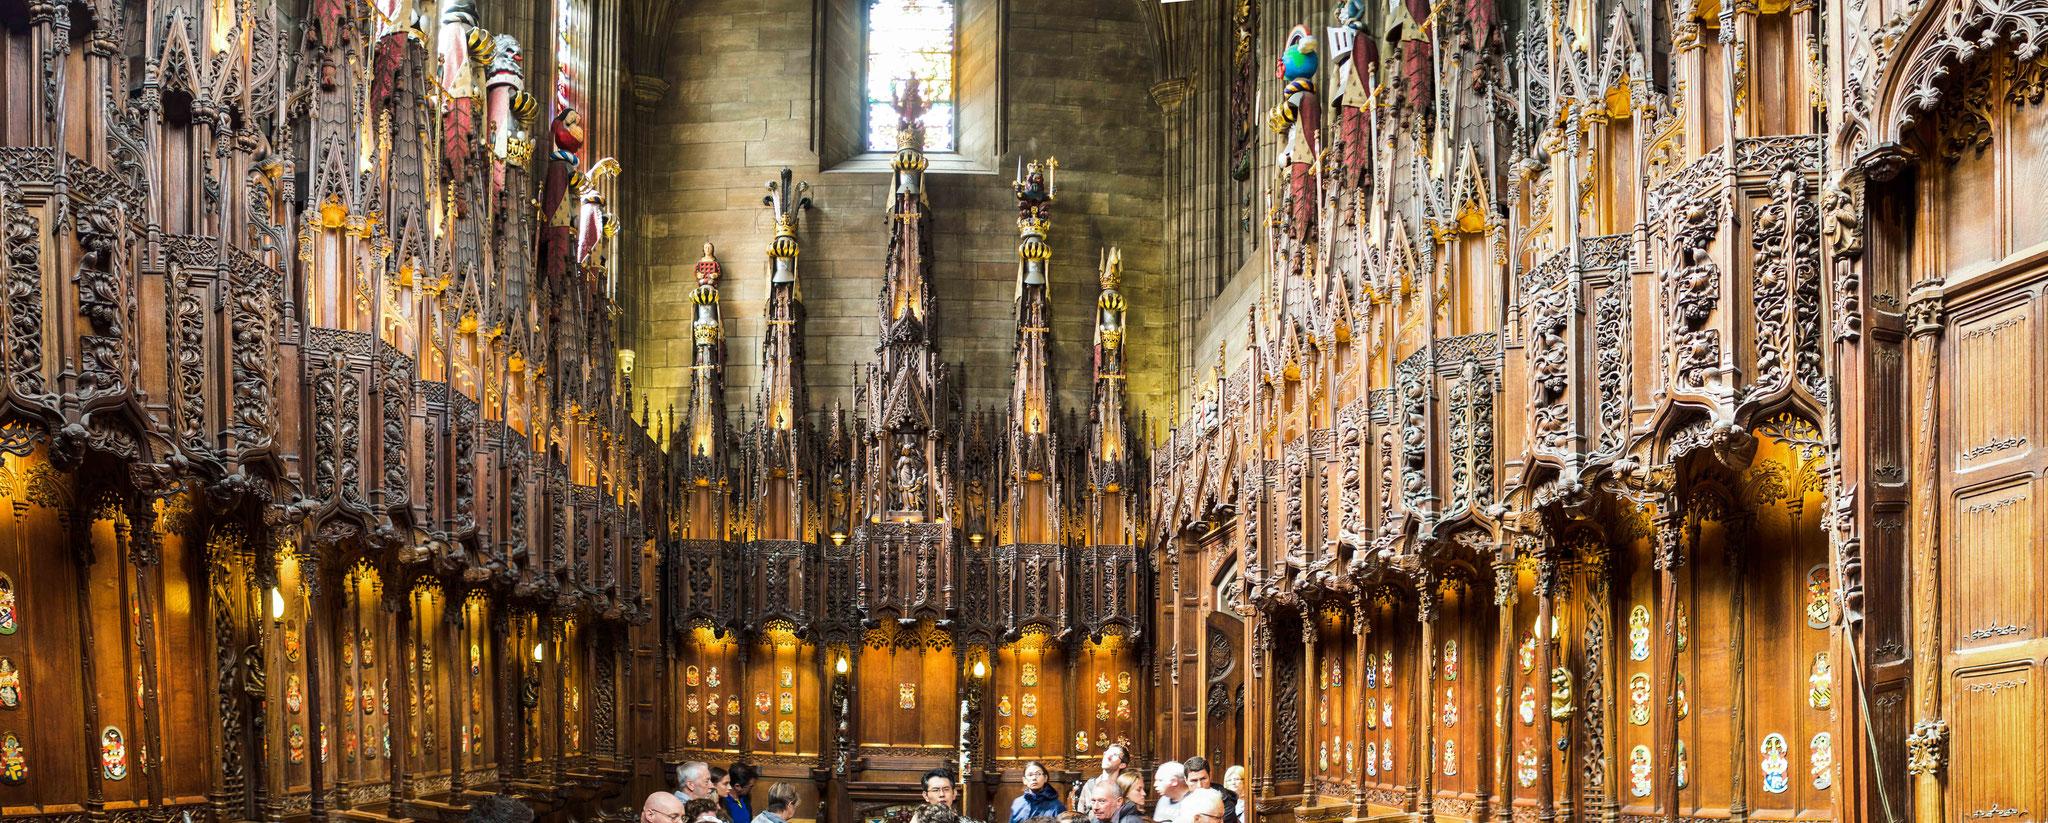 Bild: St. Giles Distelorden Kapelle